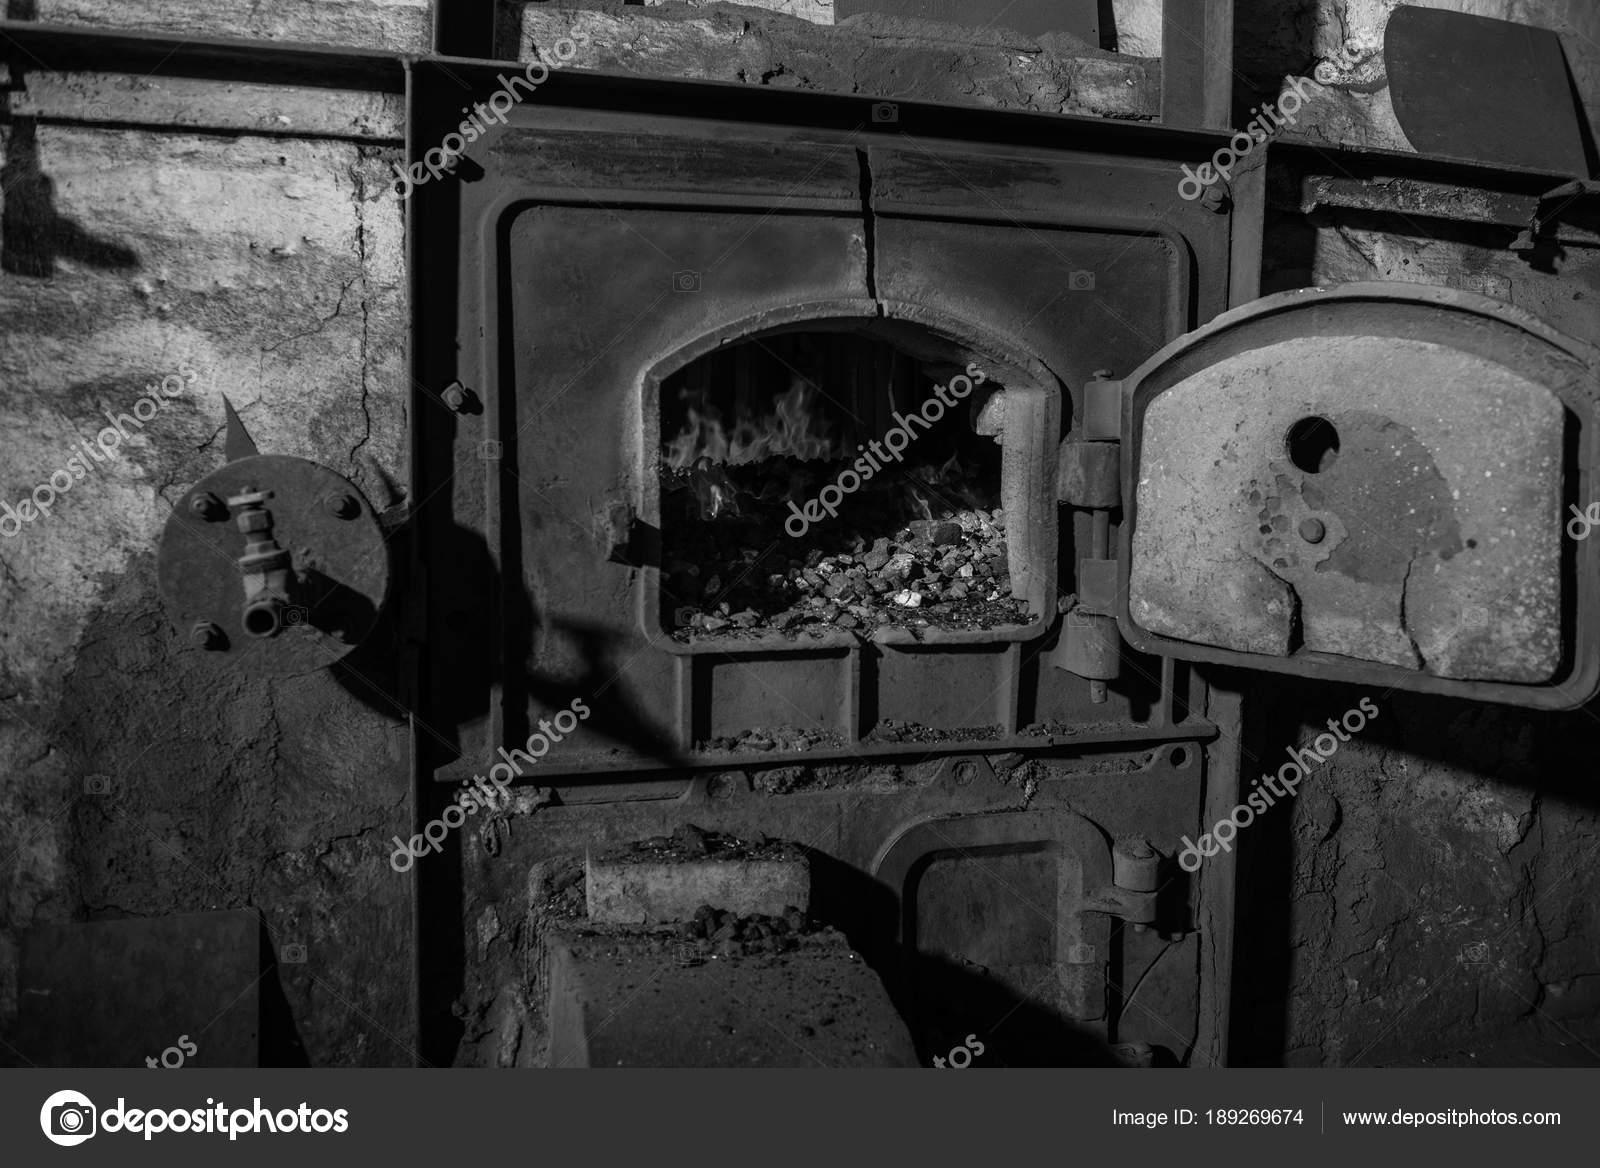 Kohle Befeuerten Kessel Haus Kessel — Stockfoto © nata-lunataD ...